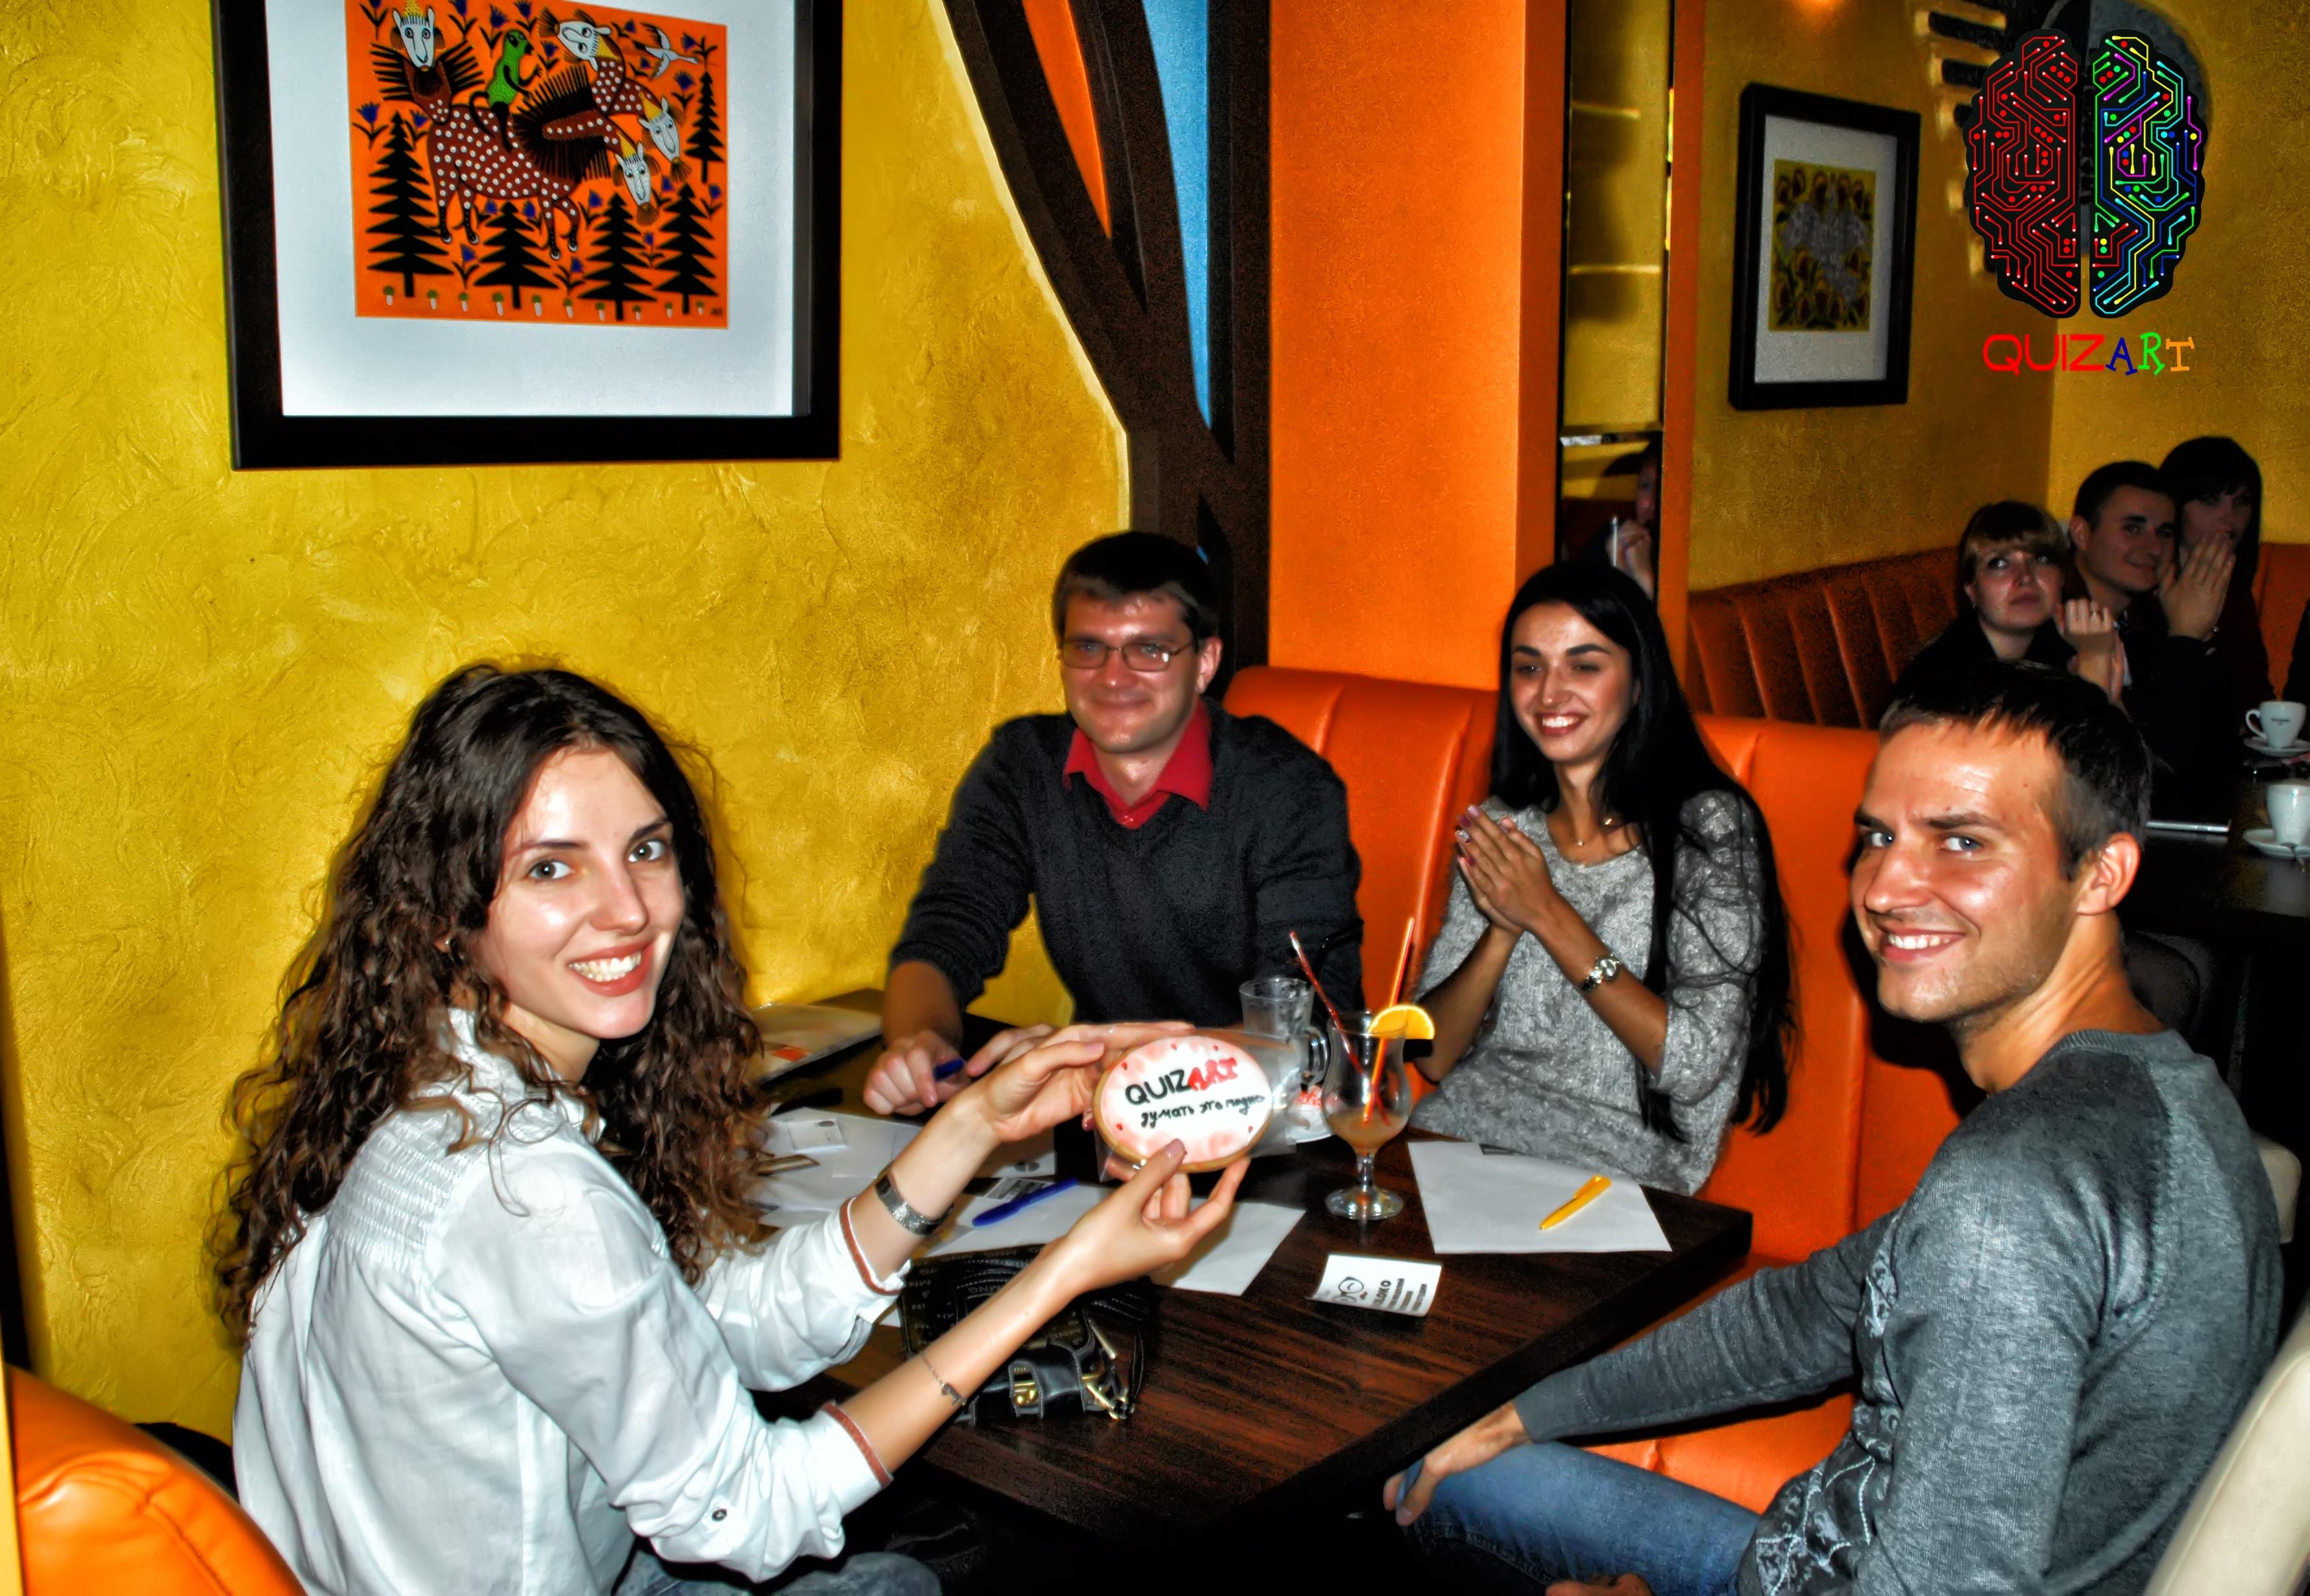 QUIZ ART – первый проект в Кривом Роге, который соединил в себе интересные загадки, игру «Что? Где? Когда?», отдых в ресторане, развлечение в стиле quiz, мозговой штурм в приятной компании друзей и огромное количество призов и подарков от спонсоров.